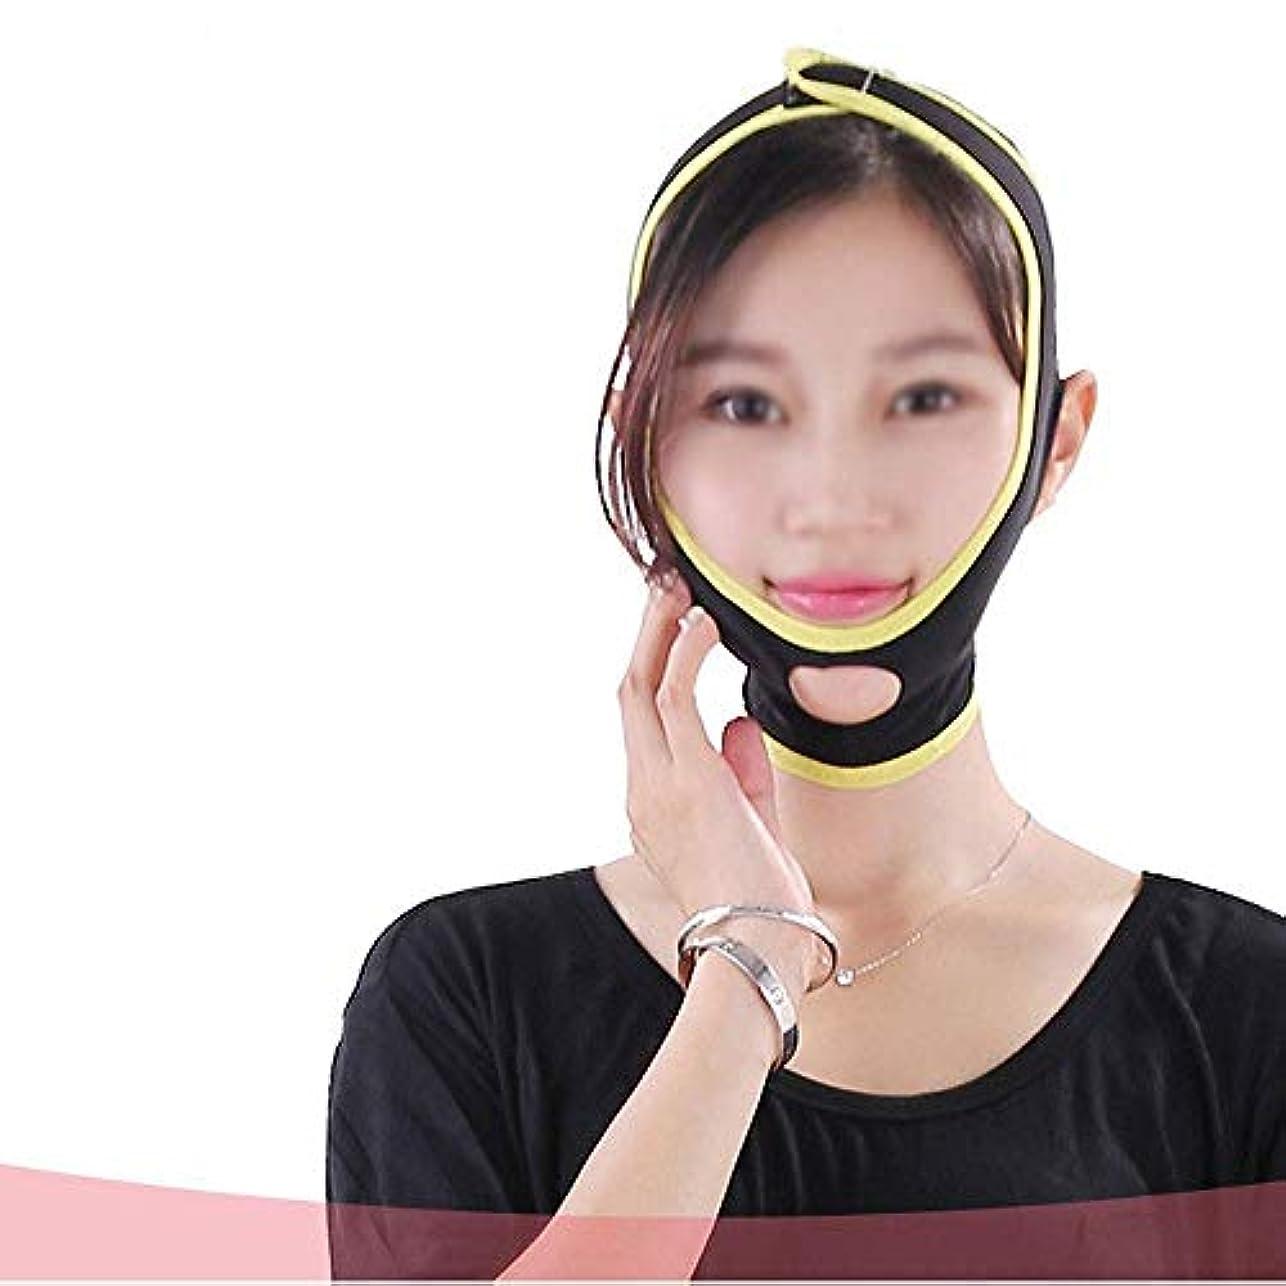 パイプ火曜日マージ睡眠用フェイスマスク、薄い顔の包帯、小さな顔Vの顔、薄い顔、フェイスリフト付き(サイズ:M)